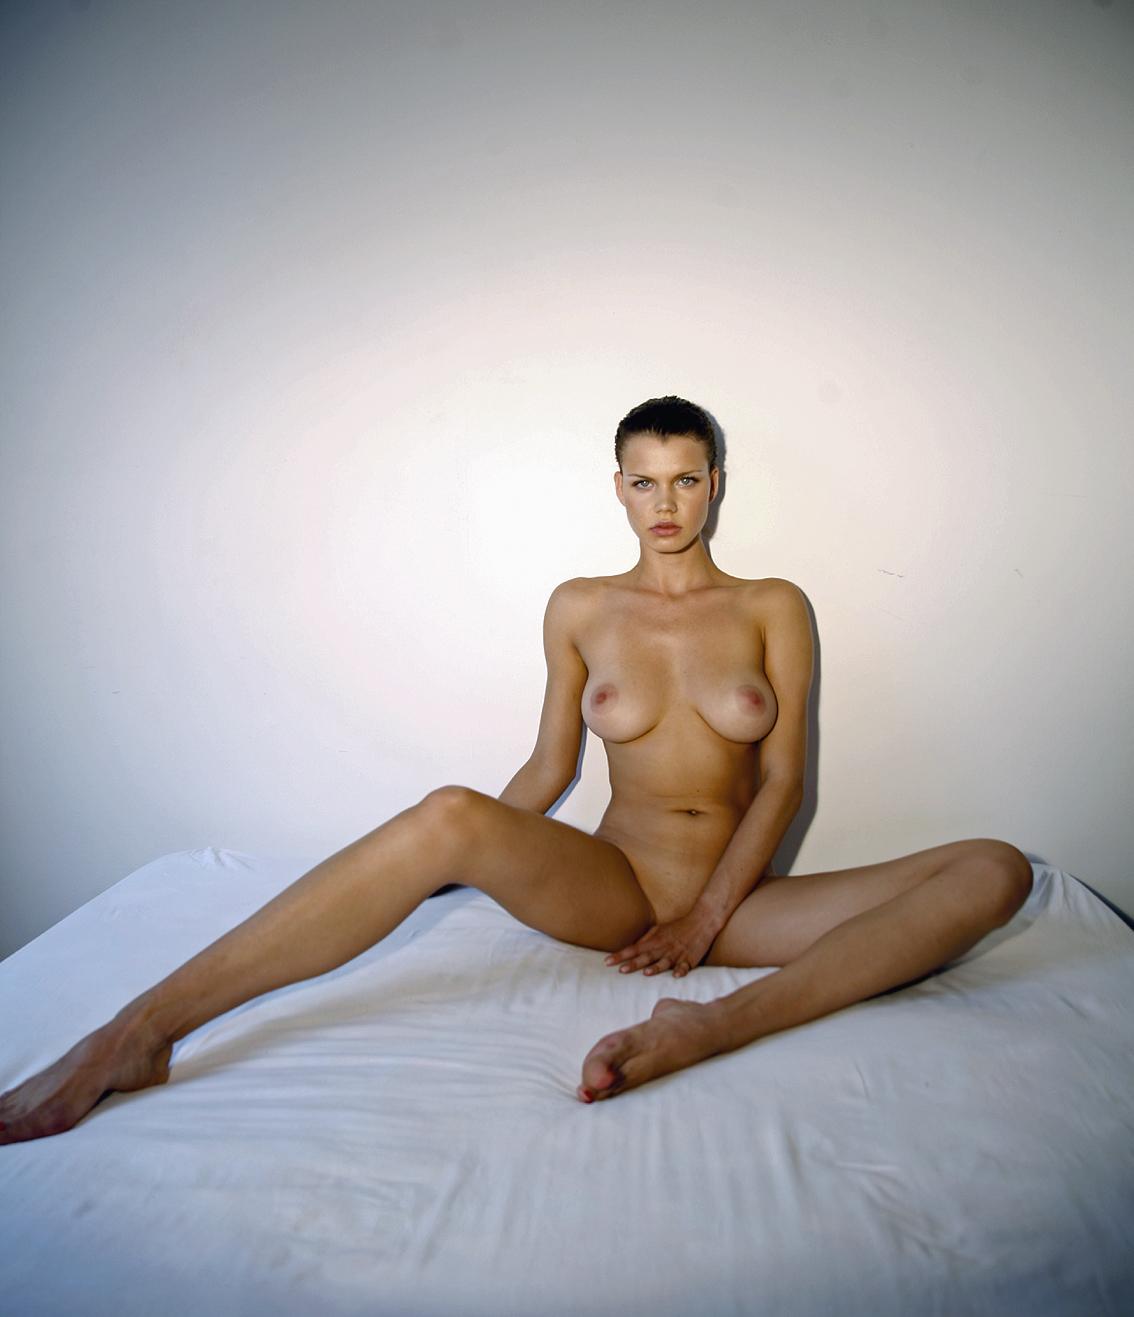 Aliona Nude aliona naked erotic photosmike dowson 17 redbust